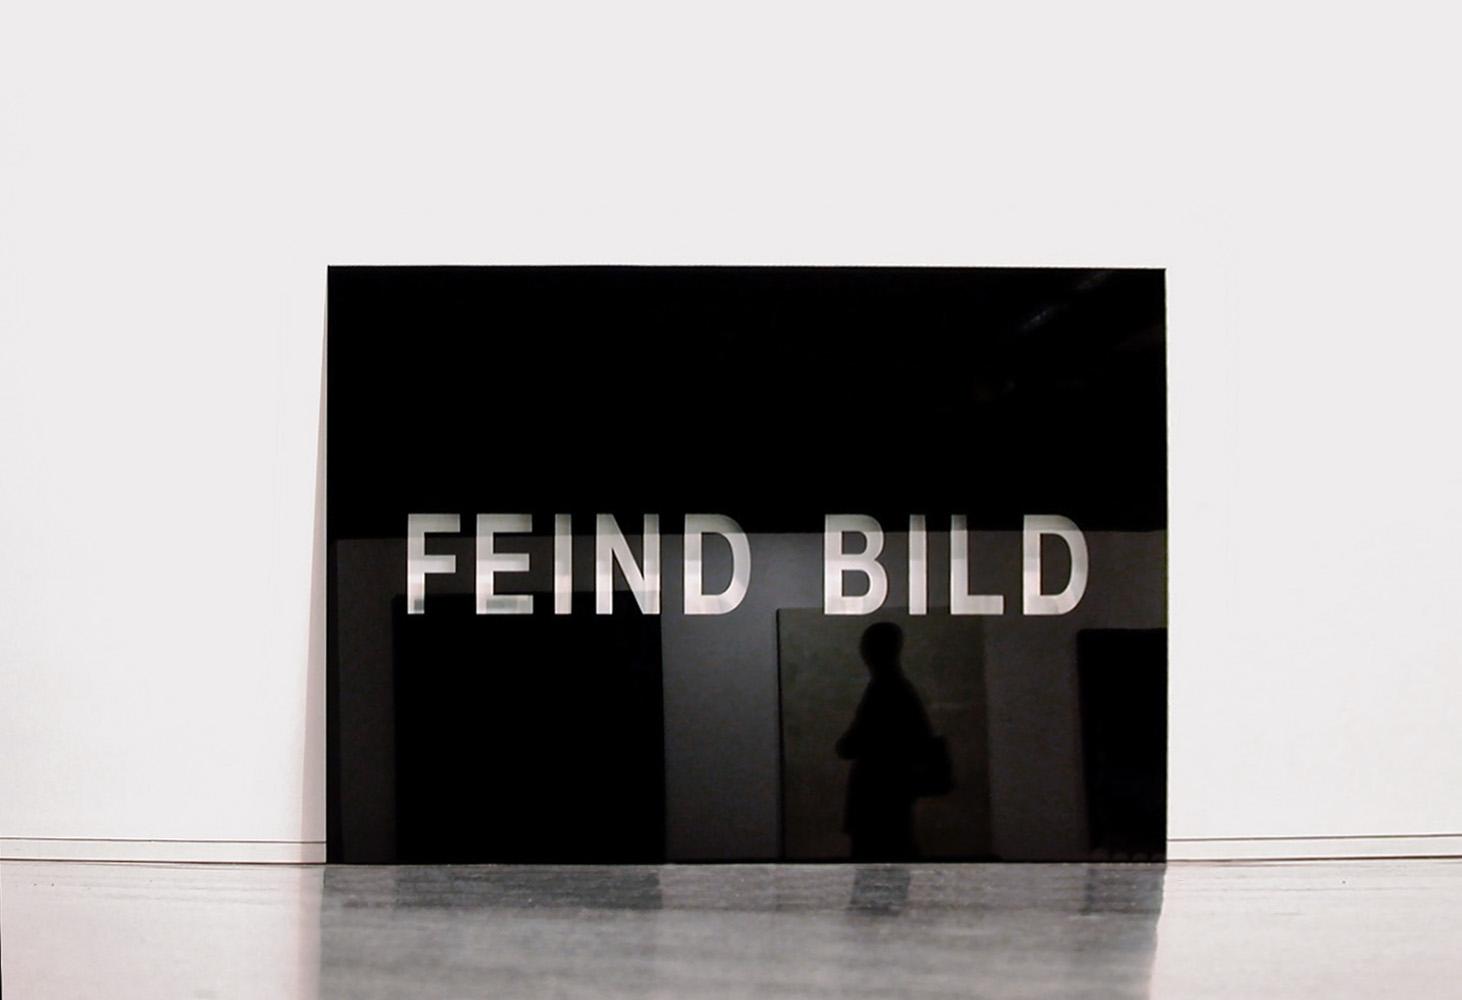 Feind Bild, 2000, Glas, glass, 180x240cm<br> Ausstellung: Diskursive Malerei, MUMOK Wien 2000/2001; Exhibition: Discourses in Painting  / MUMOK Vienna 2000/2001